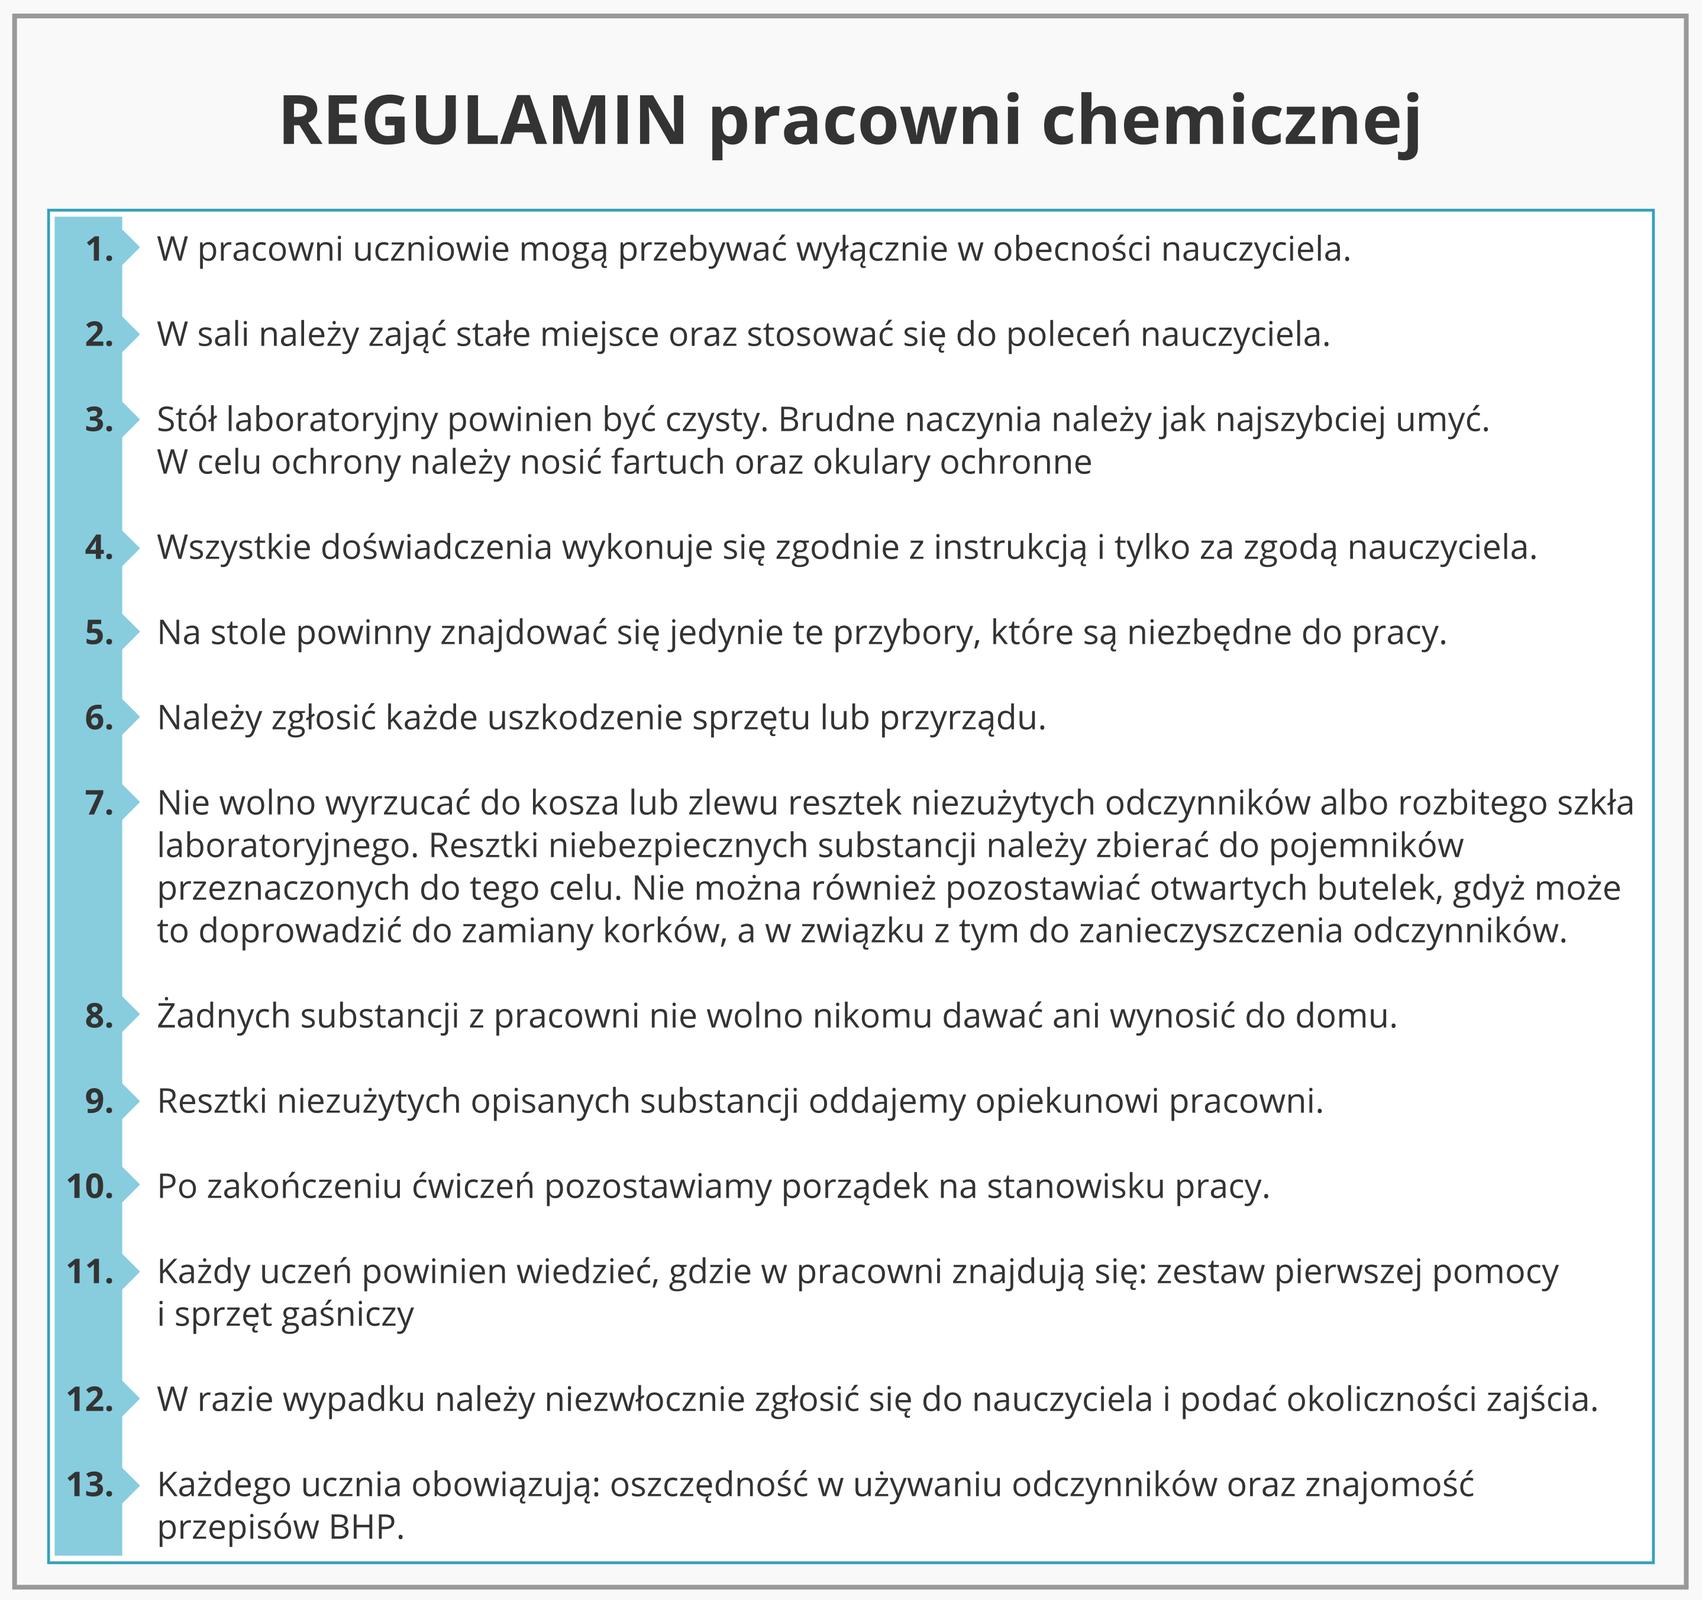 Ilustracja przedstawia kartę zregulaminem pracowni chemicznej wpostaci uniwersalnej, obowiązującej wkażdej pracowni. Jej elementem charakterystycznym jest turkusowy kolor paska po lewej stronie na którym znajdują się numery kolejnych punktów. Regulamin zawiera trzynaście punktów dotyczących osób uprawnionych do przebywania na ich terenie, ich sposobu zachowania, warunków do przeprowadzania doświadczeń, samego przebiegu eksperymentów oraz postępowania ze sprzętem iodczynnikami. Wyszczególnione są też ogólne zasady postępowania wrazie wypadków.